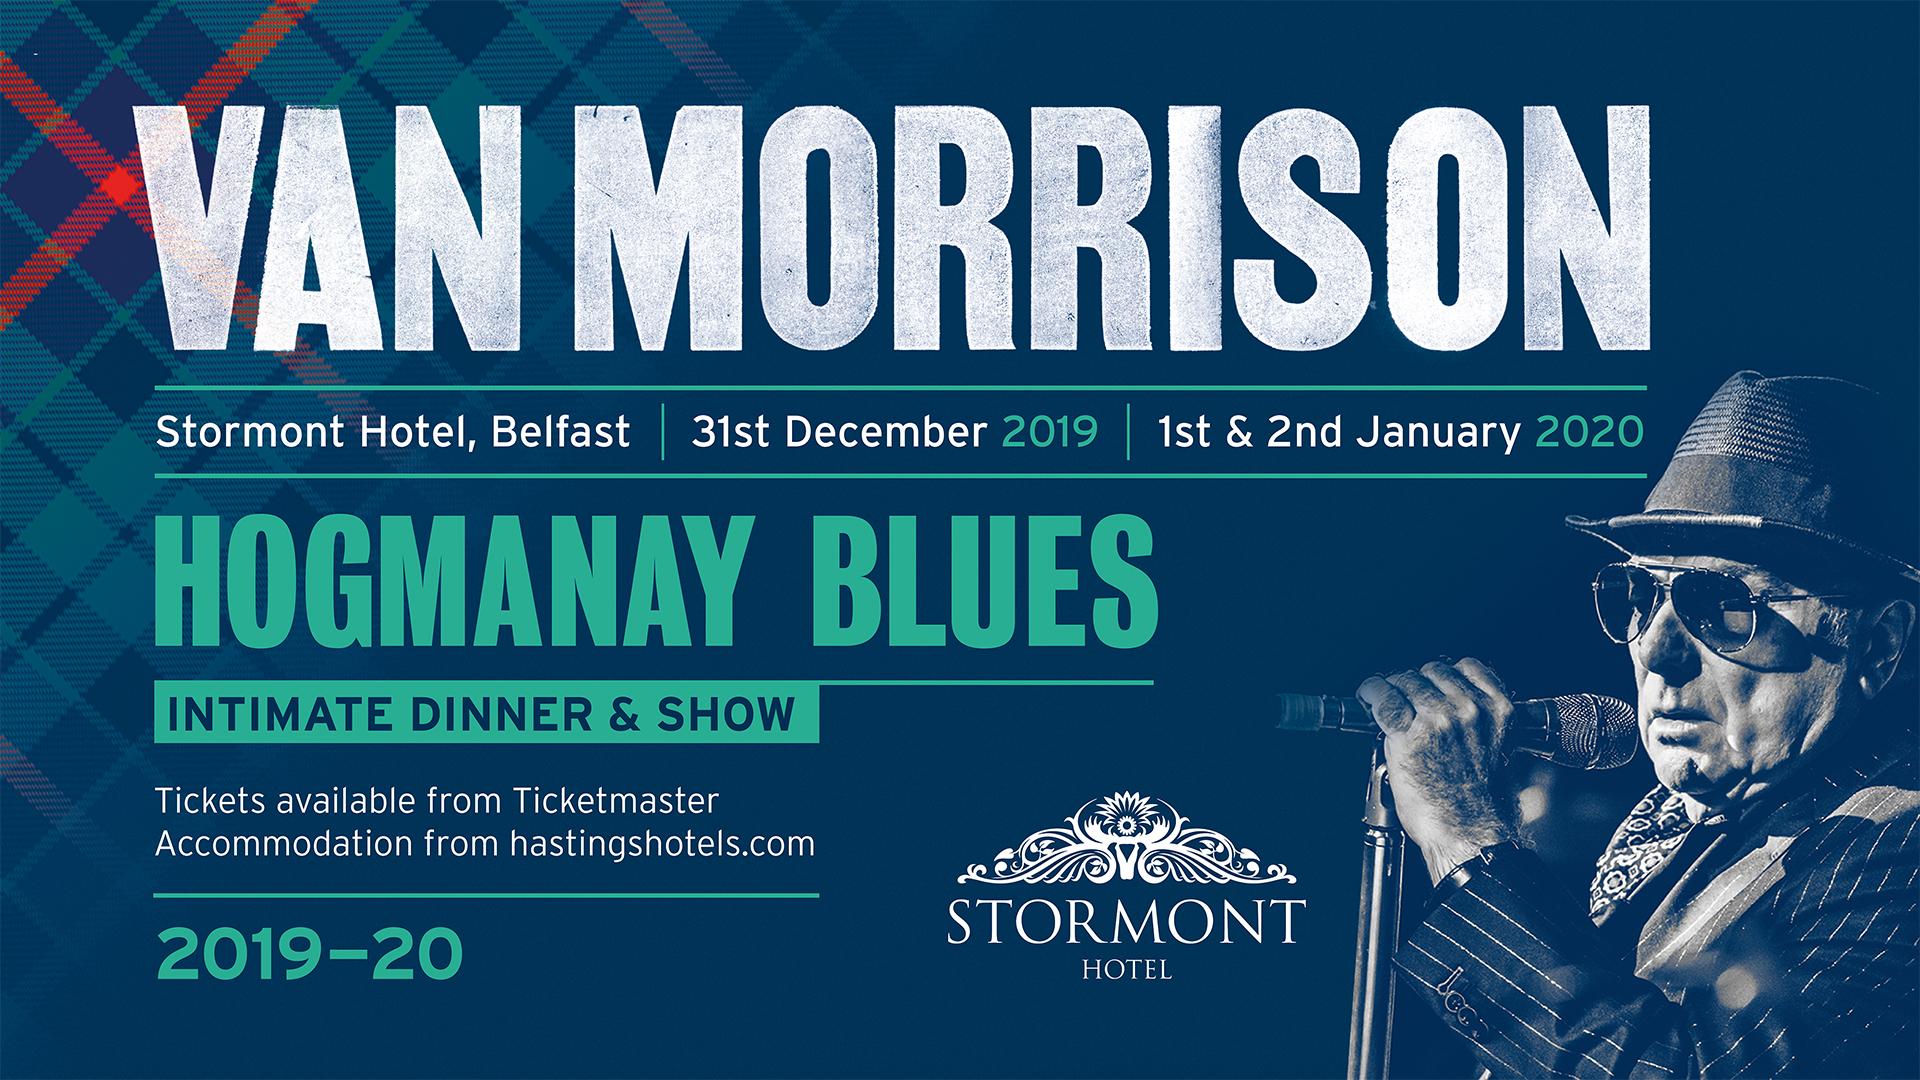 Van Morrison Tour 2020.Van Morrison Live At Stormont Hotel Concert Package